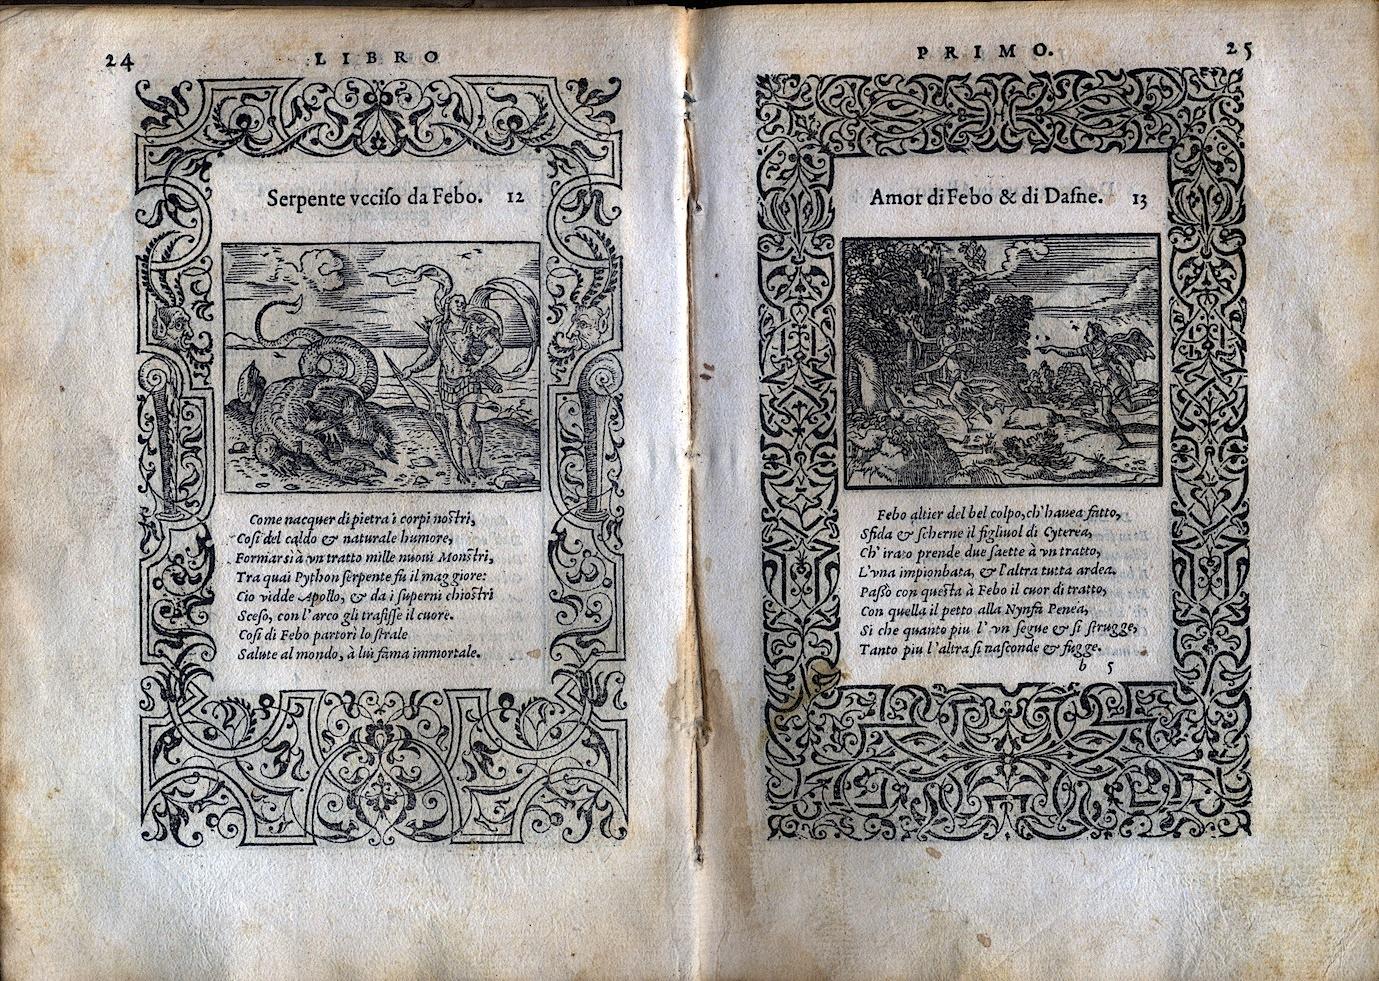 LA VITA ET METAMORFOSEO D'OVIDIO Giovanni di Tornes Lione 1519 4 copia